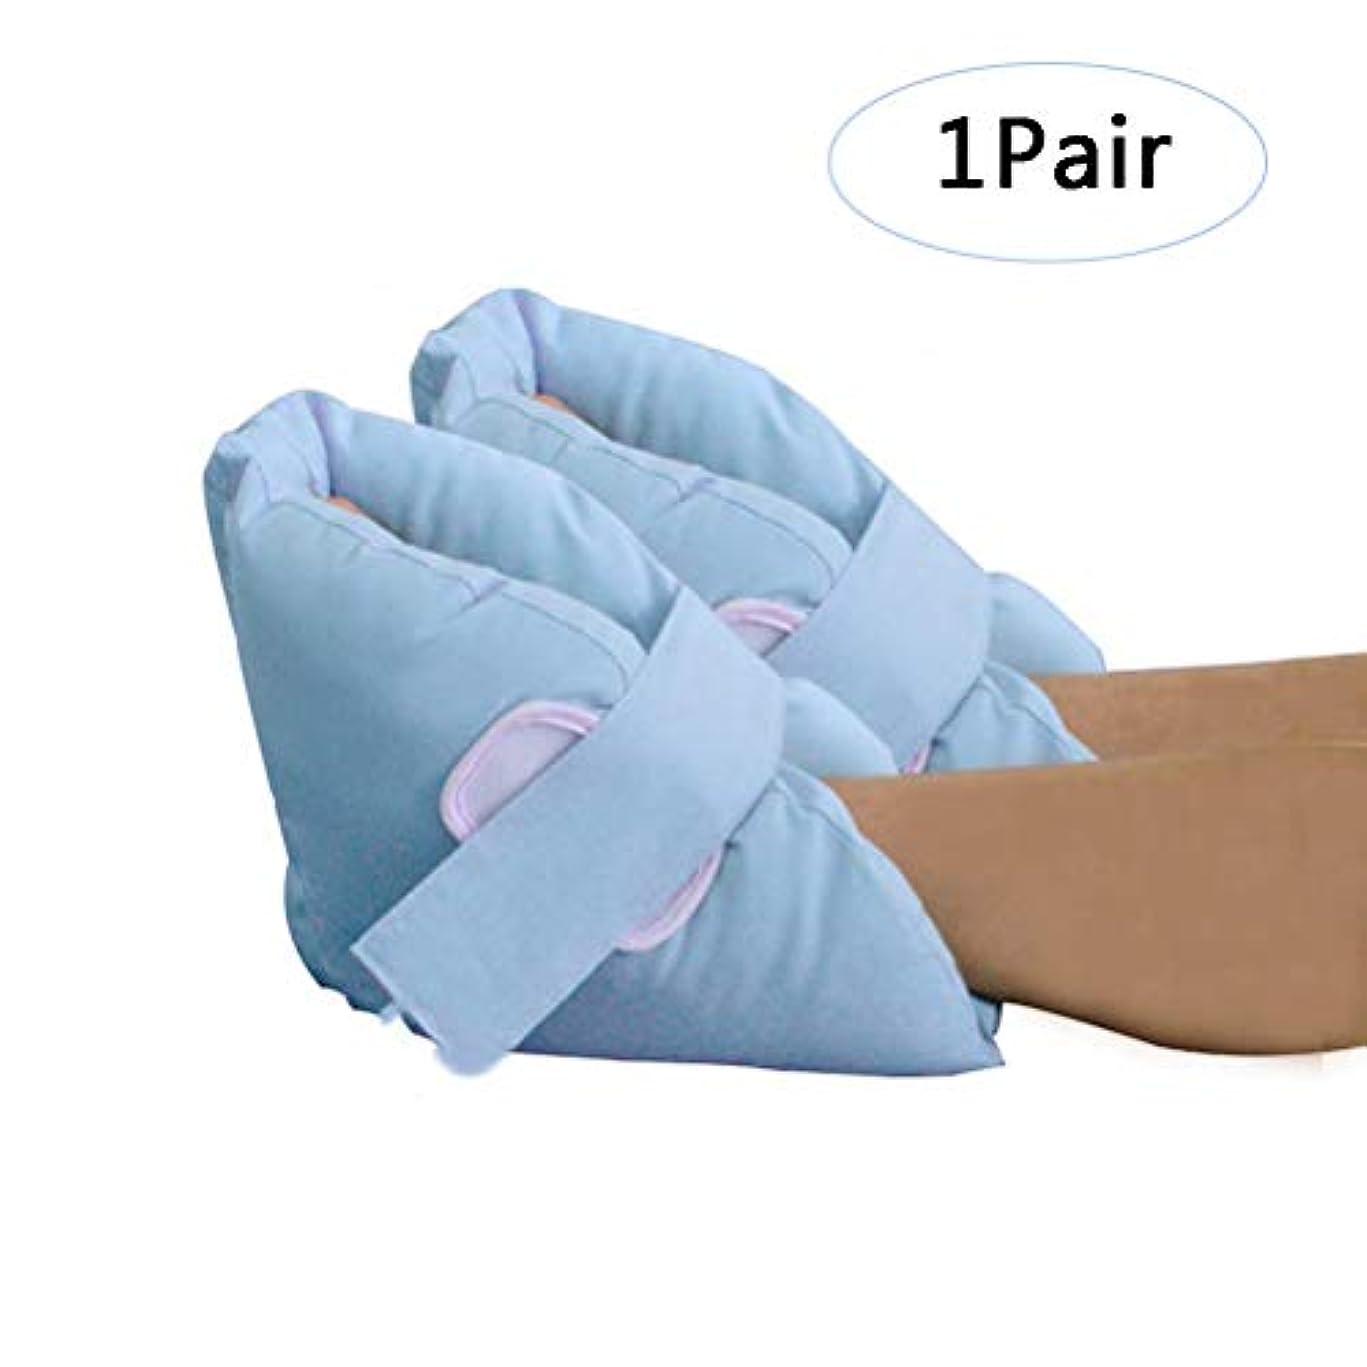 超高層ビルアレイ氏ブートヒールプロテクタークッション-潰瘍とPressure瘡から足とかかとを保護-床の痛みと負傷の軽減-クッションギフトとして良い